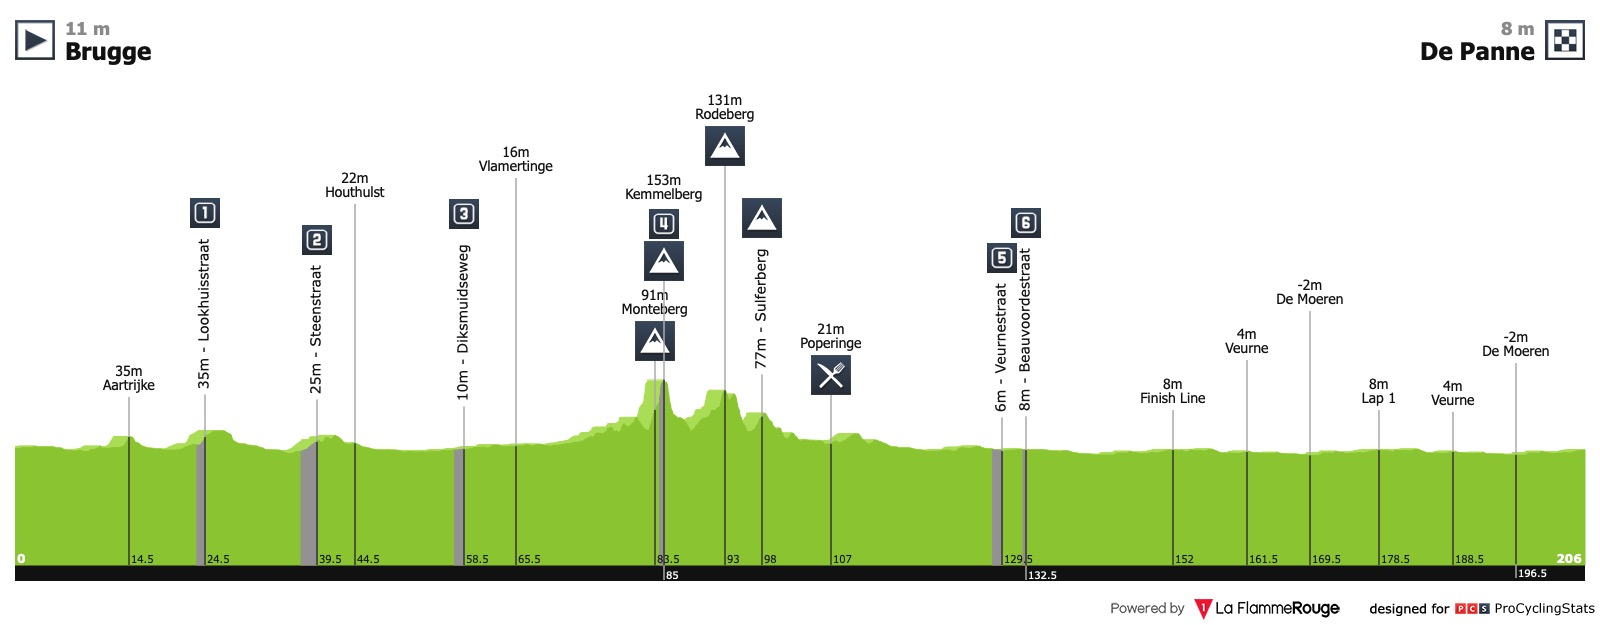 Driedaagse Brugge-De Panne Driedaagse-vd-panne-2019-profile-00c4fe3123